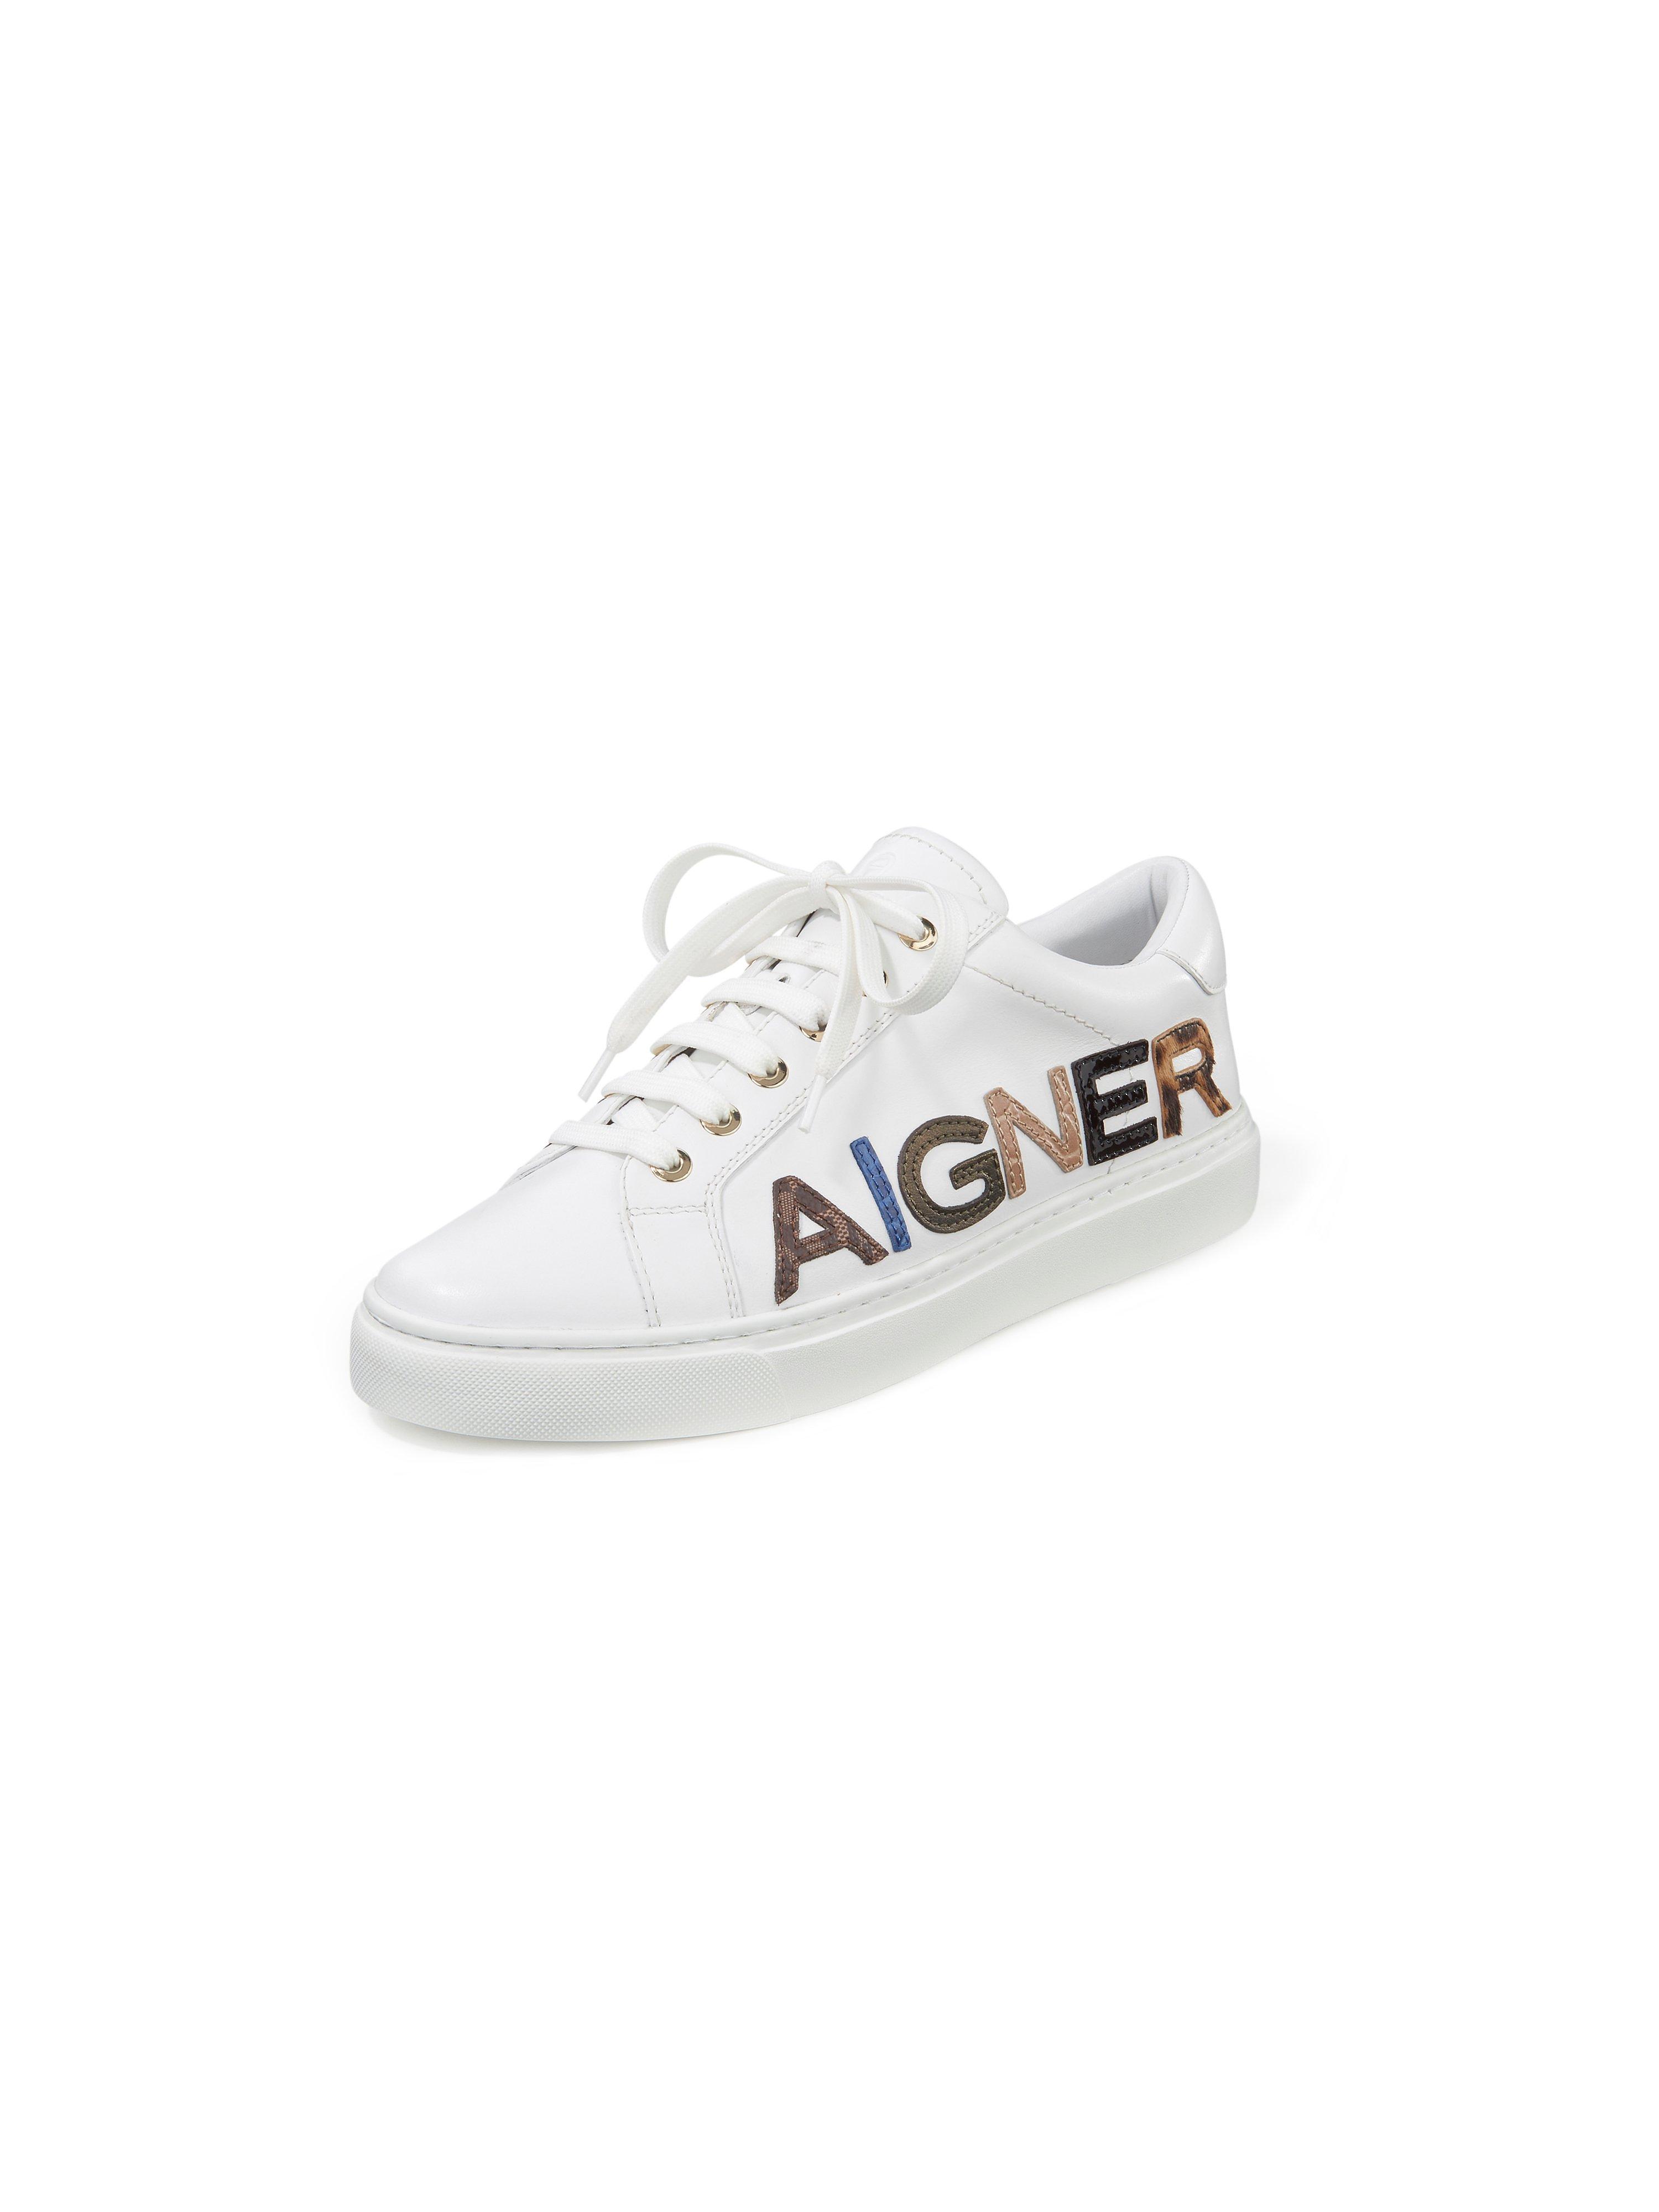 Sneakers Diane van rundnappaleer Van Aigner wit